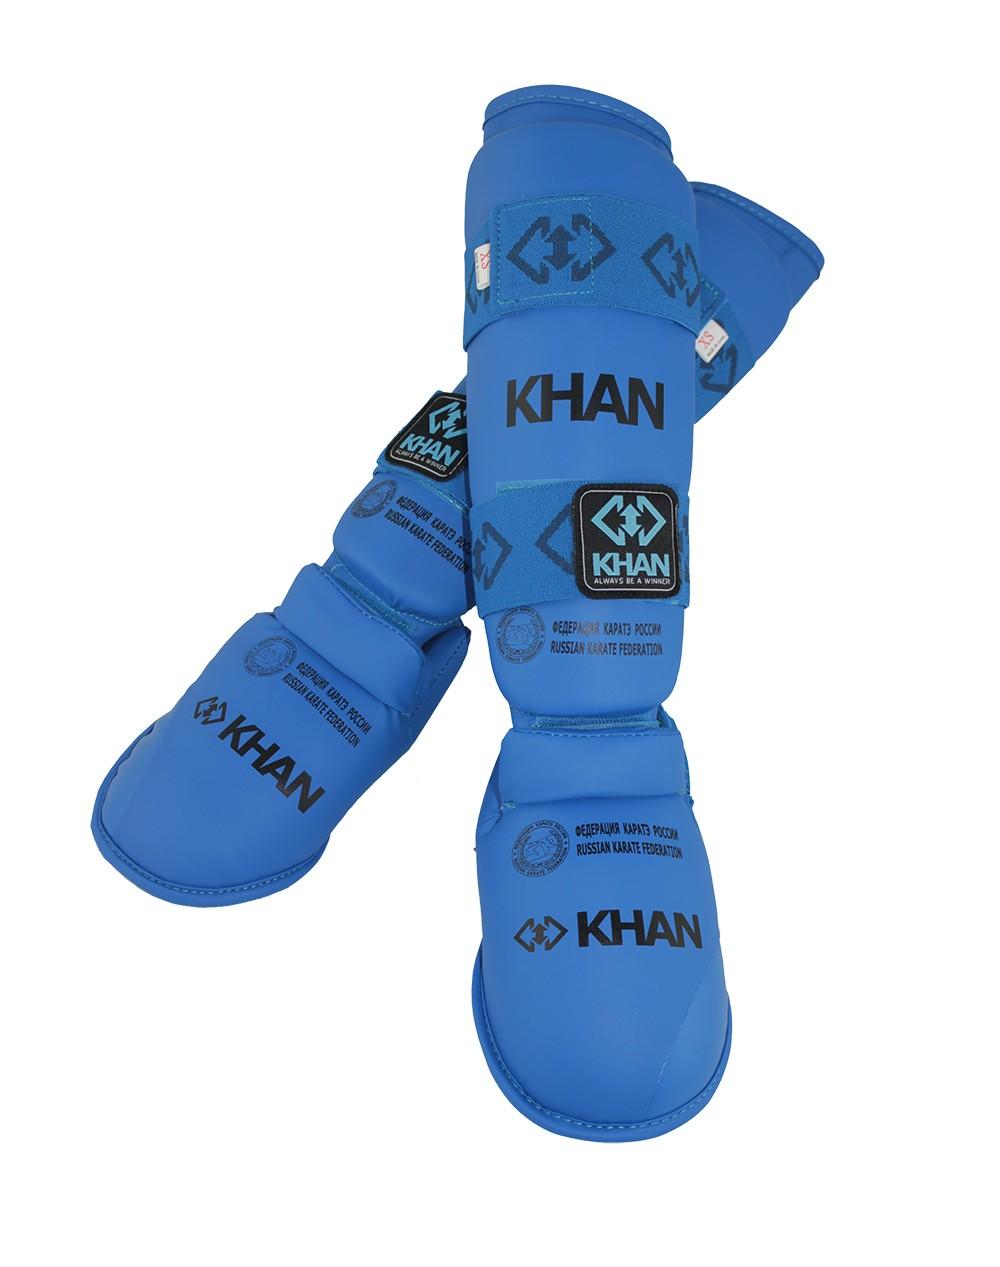 Защита голени и стопы Khan Каратэ ФКР, FKR23001_8, синий, размер L защита торса khan каратэ фкр fkr5000 4 бежевый размер l